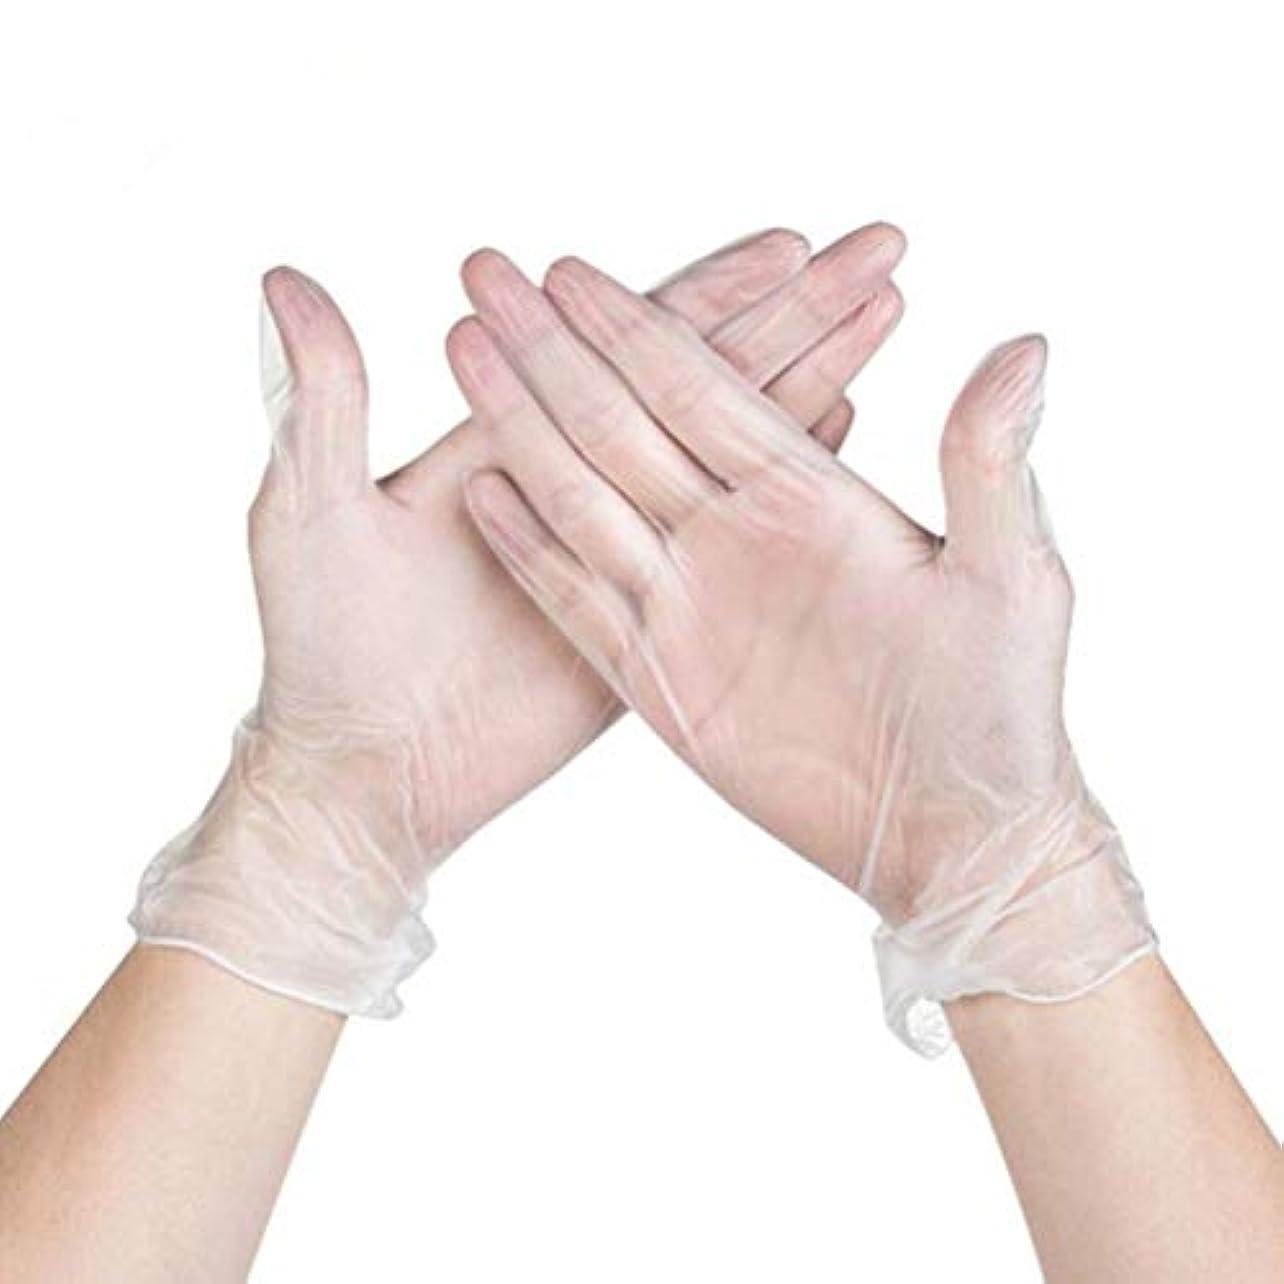 野菜ピル代理店UPKOCH 透明使い捨てタトゥー手袋ニトリル手袋メディカルクリーニングキッチン調理手袋1個